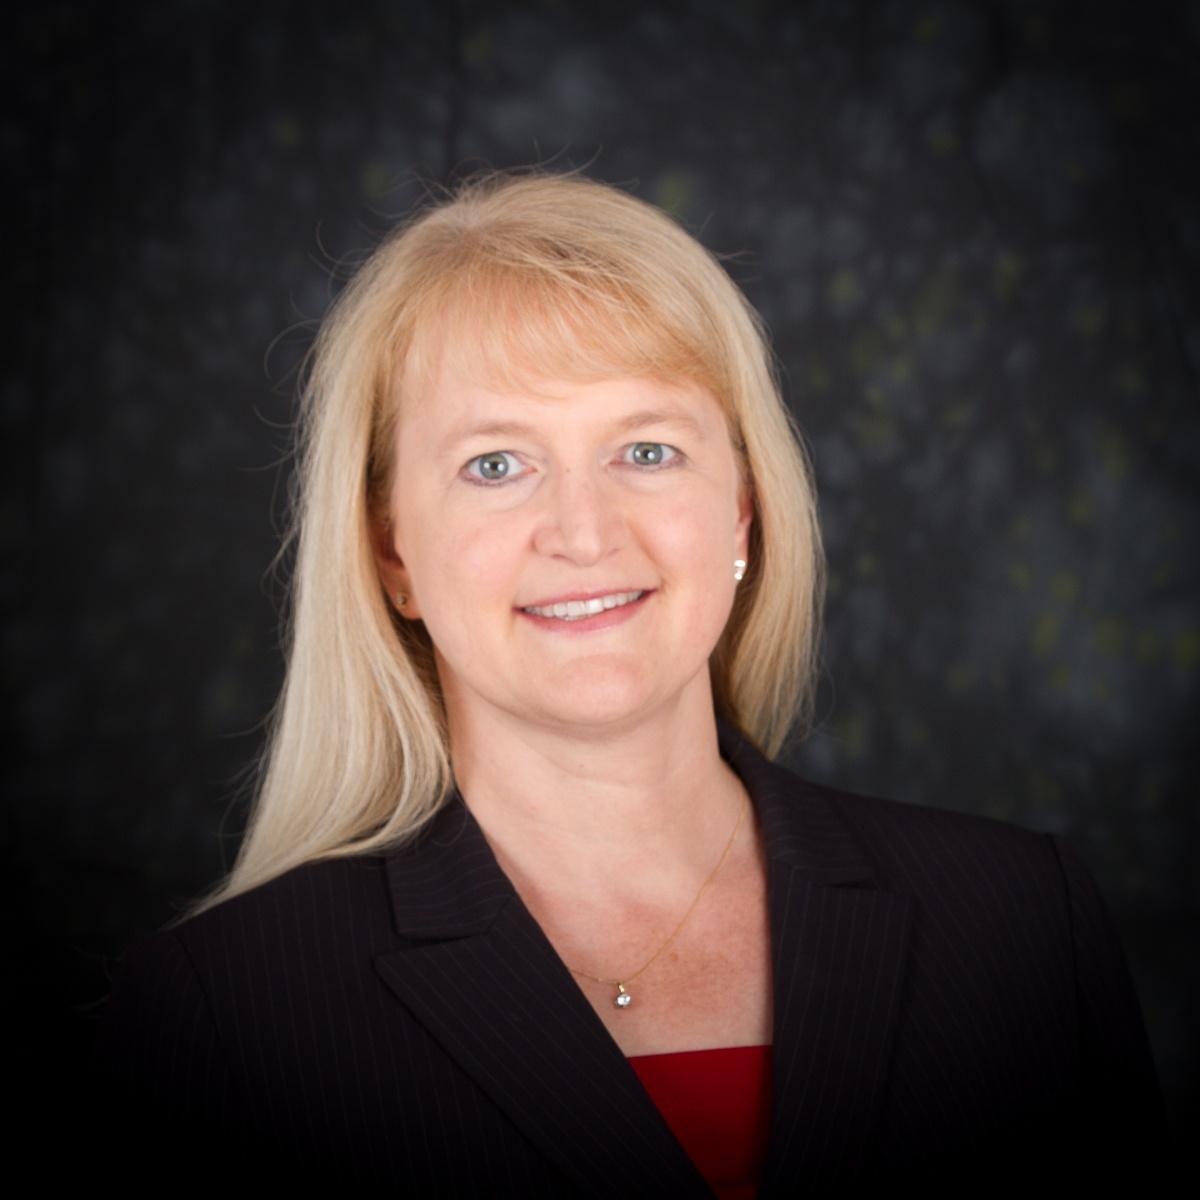 Michelle Porro Workers' Compensation Attorney